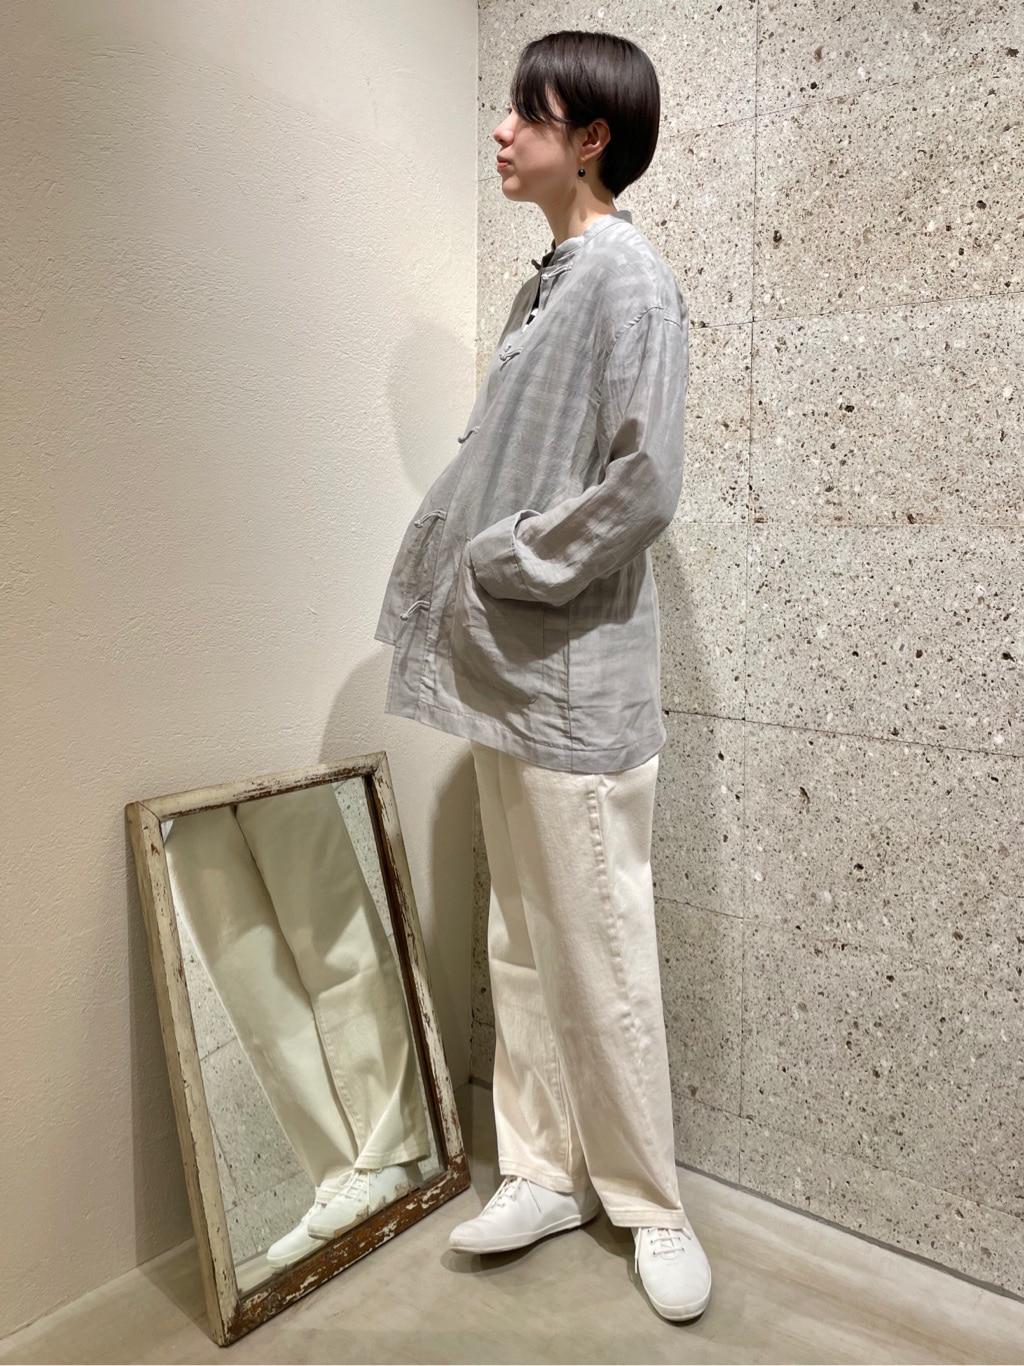 yuni ニュウマン横浜 身長:166cm 2021.04.09